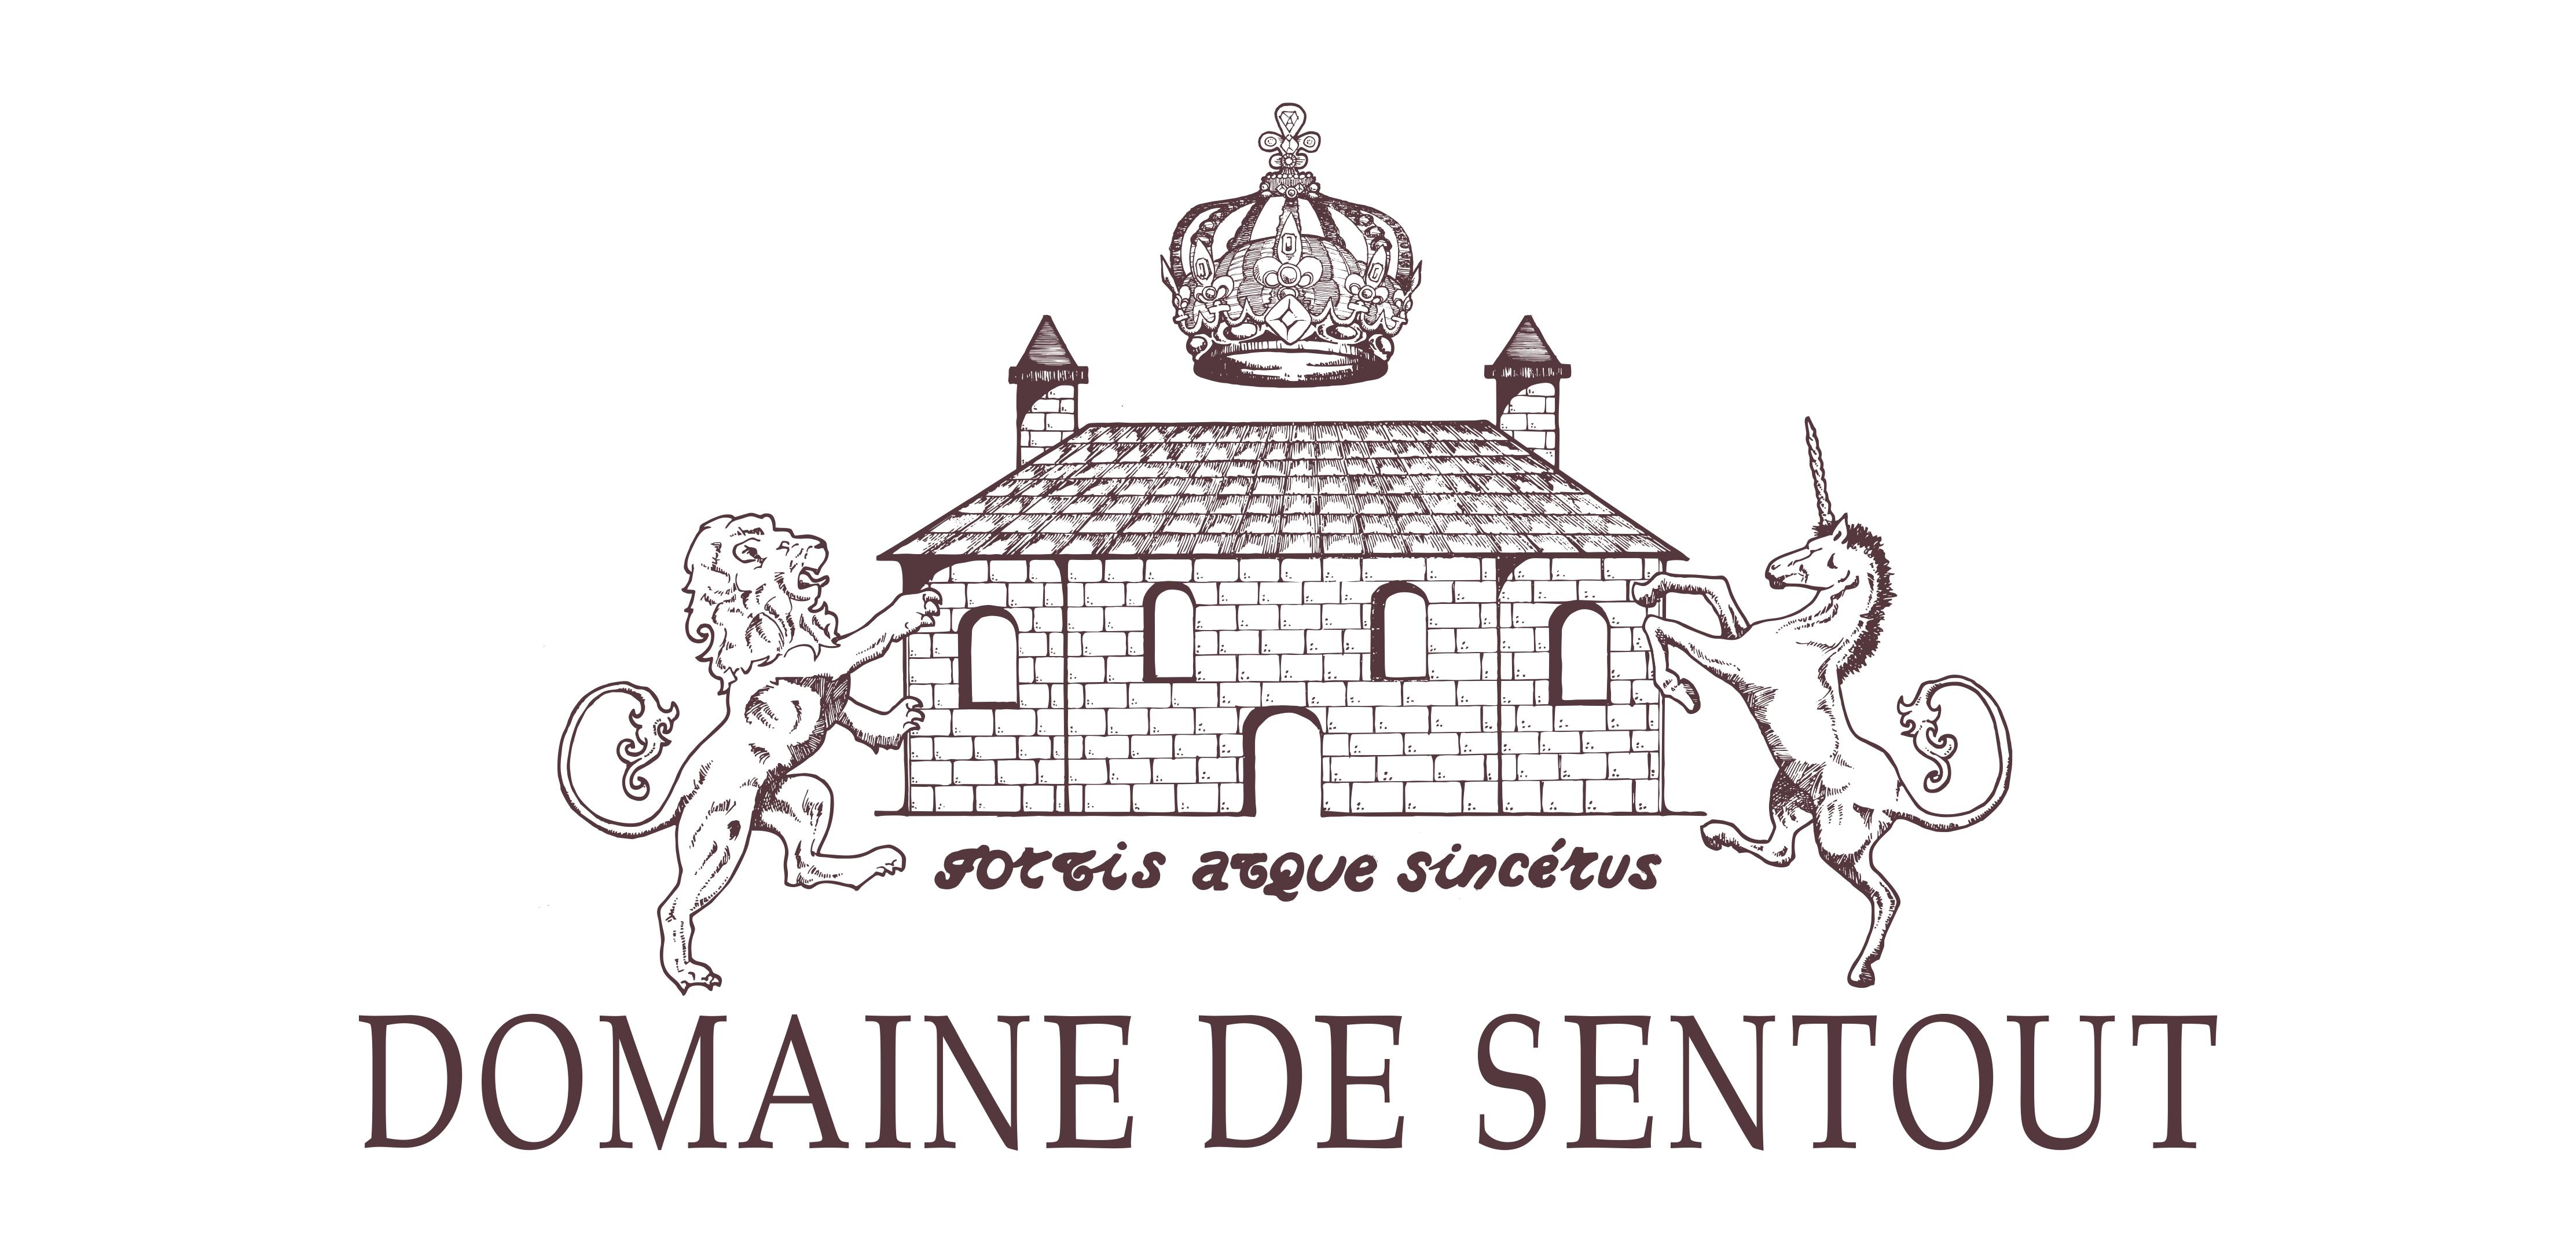 Domaine de Sentout